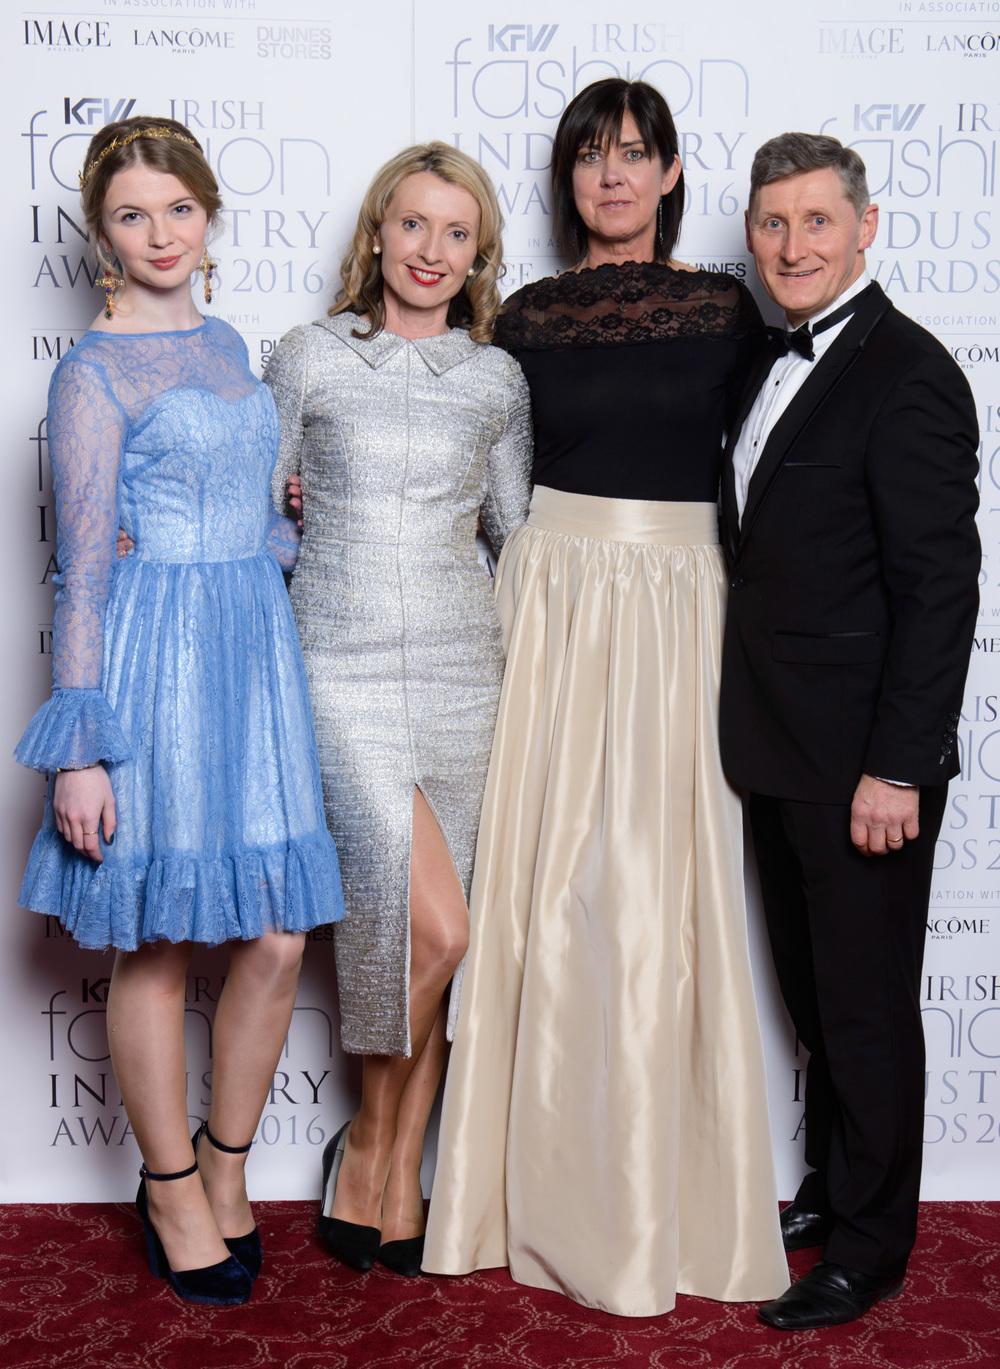 KFW16_Irish Fashion Industry Awards_10326.JPG